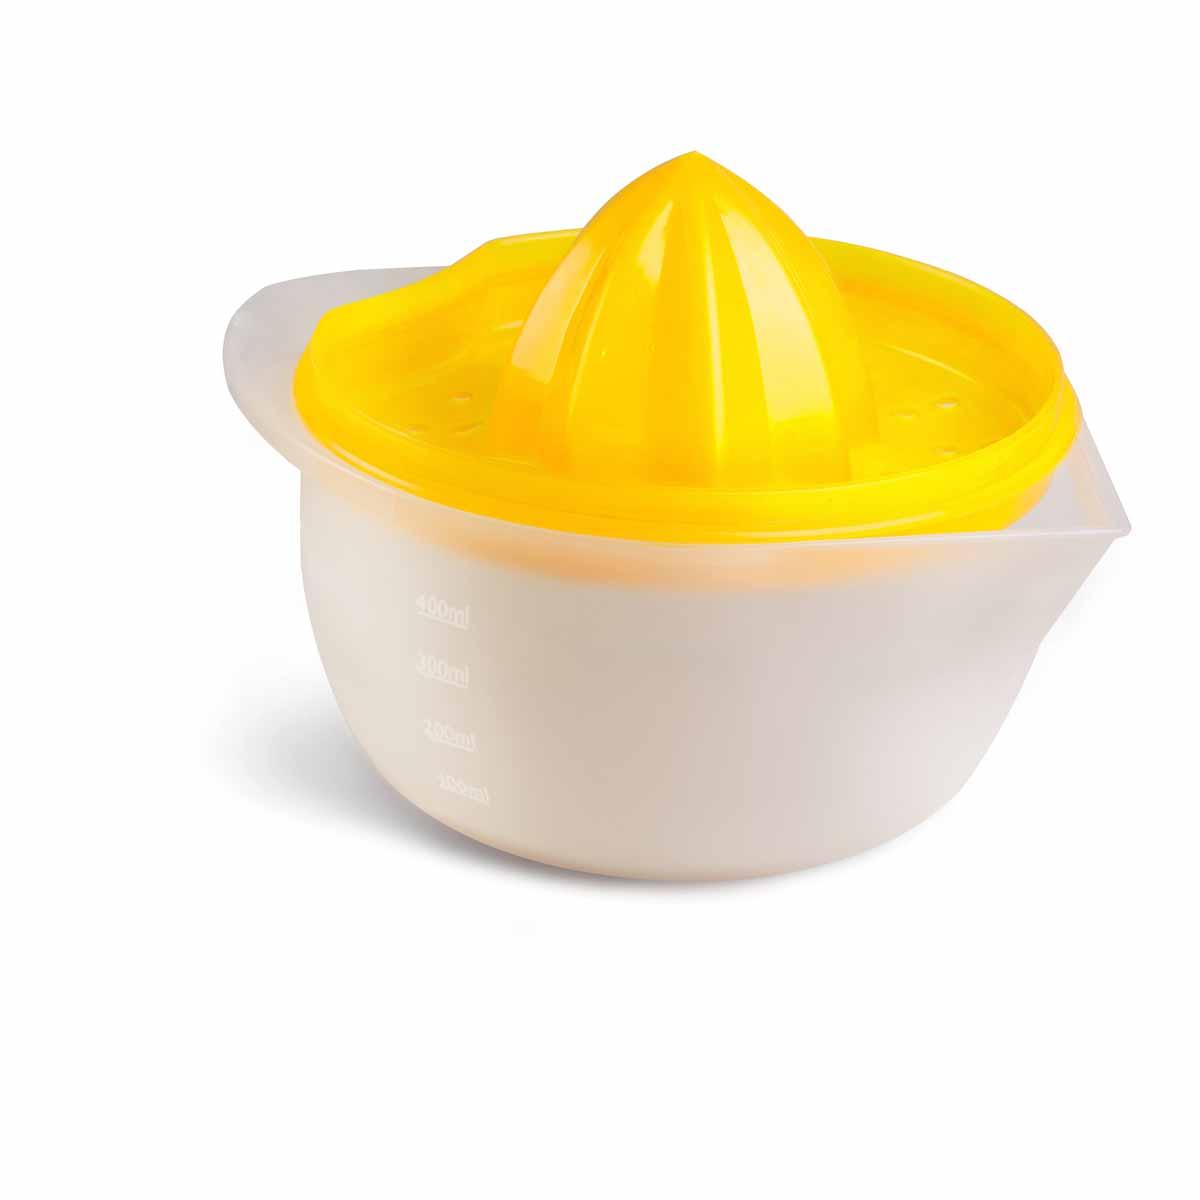 Соковыжималка Идея Цитрус, цвет: желтый, прозрачный, 400 млCTR-01Ручная соковыжималка Идея Цитрус представляет собой емкость для сока с ручкой и съемным фильтром для процеживания сока. Изделие выполнено из высококачественного пищевого пластика. Подходит для отжима лимонов, апельсинов и других цитрусовых. Емкость имеет отметки литража. Удобная ручка и носик позволяют удобно выливать готовый сок в стакан. Соковыжималка Идея Цитрус - компактный и функциональный прибор, который пригодится на любой кухне. Объем: 400 мл. Общая высота соковыжималки: 8 см. Диаметр емкости (по верхнему краю): 12 см. Высота стенки емкости: 6 см.